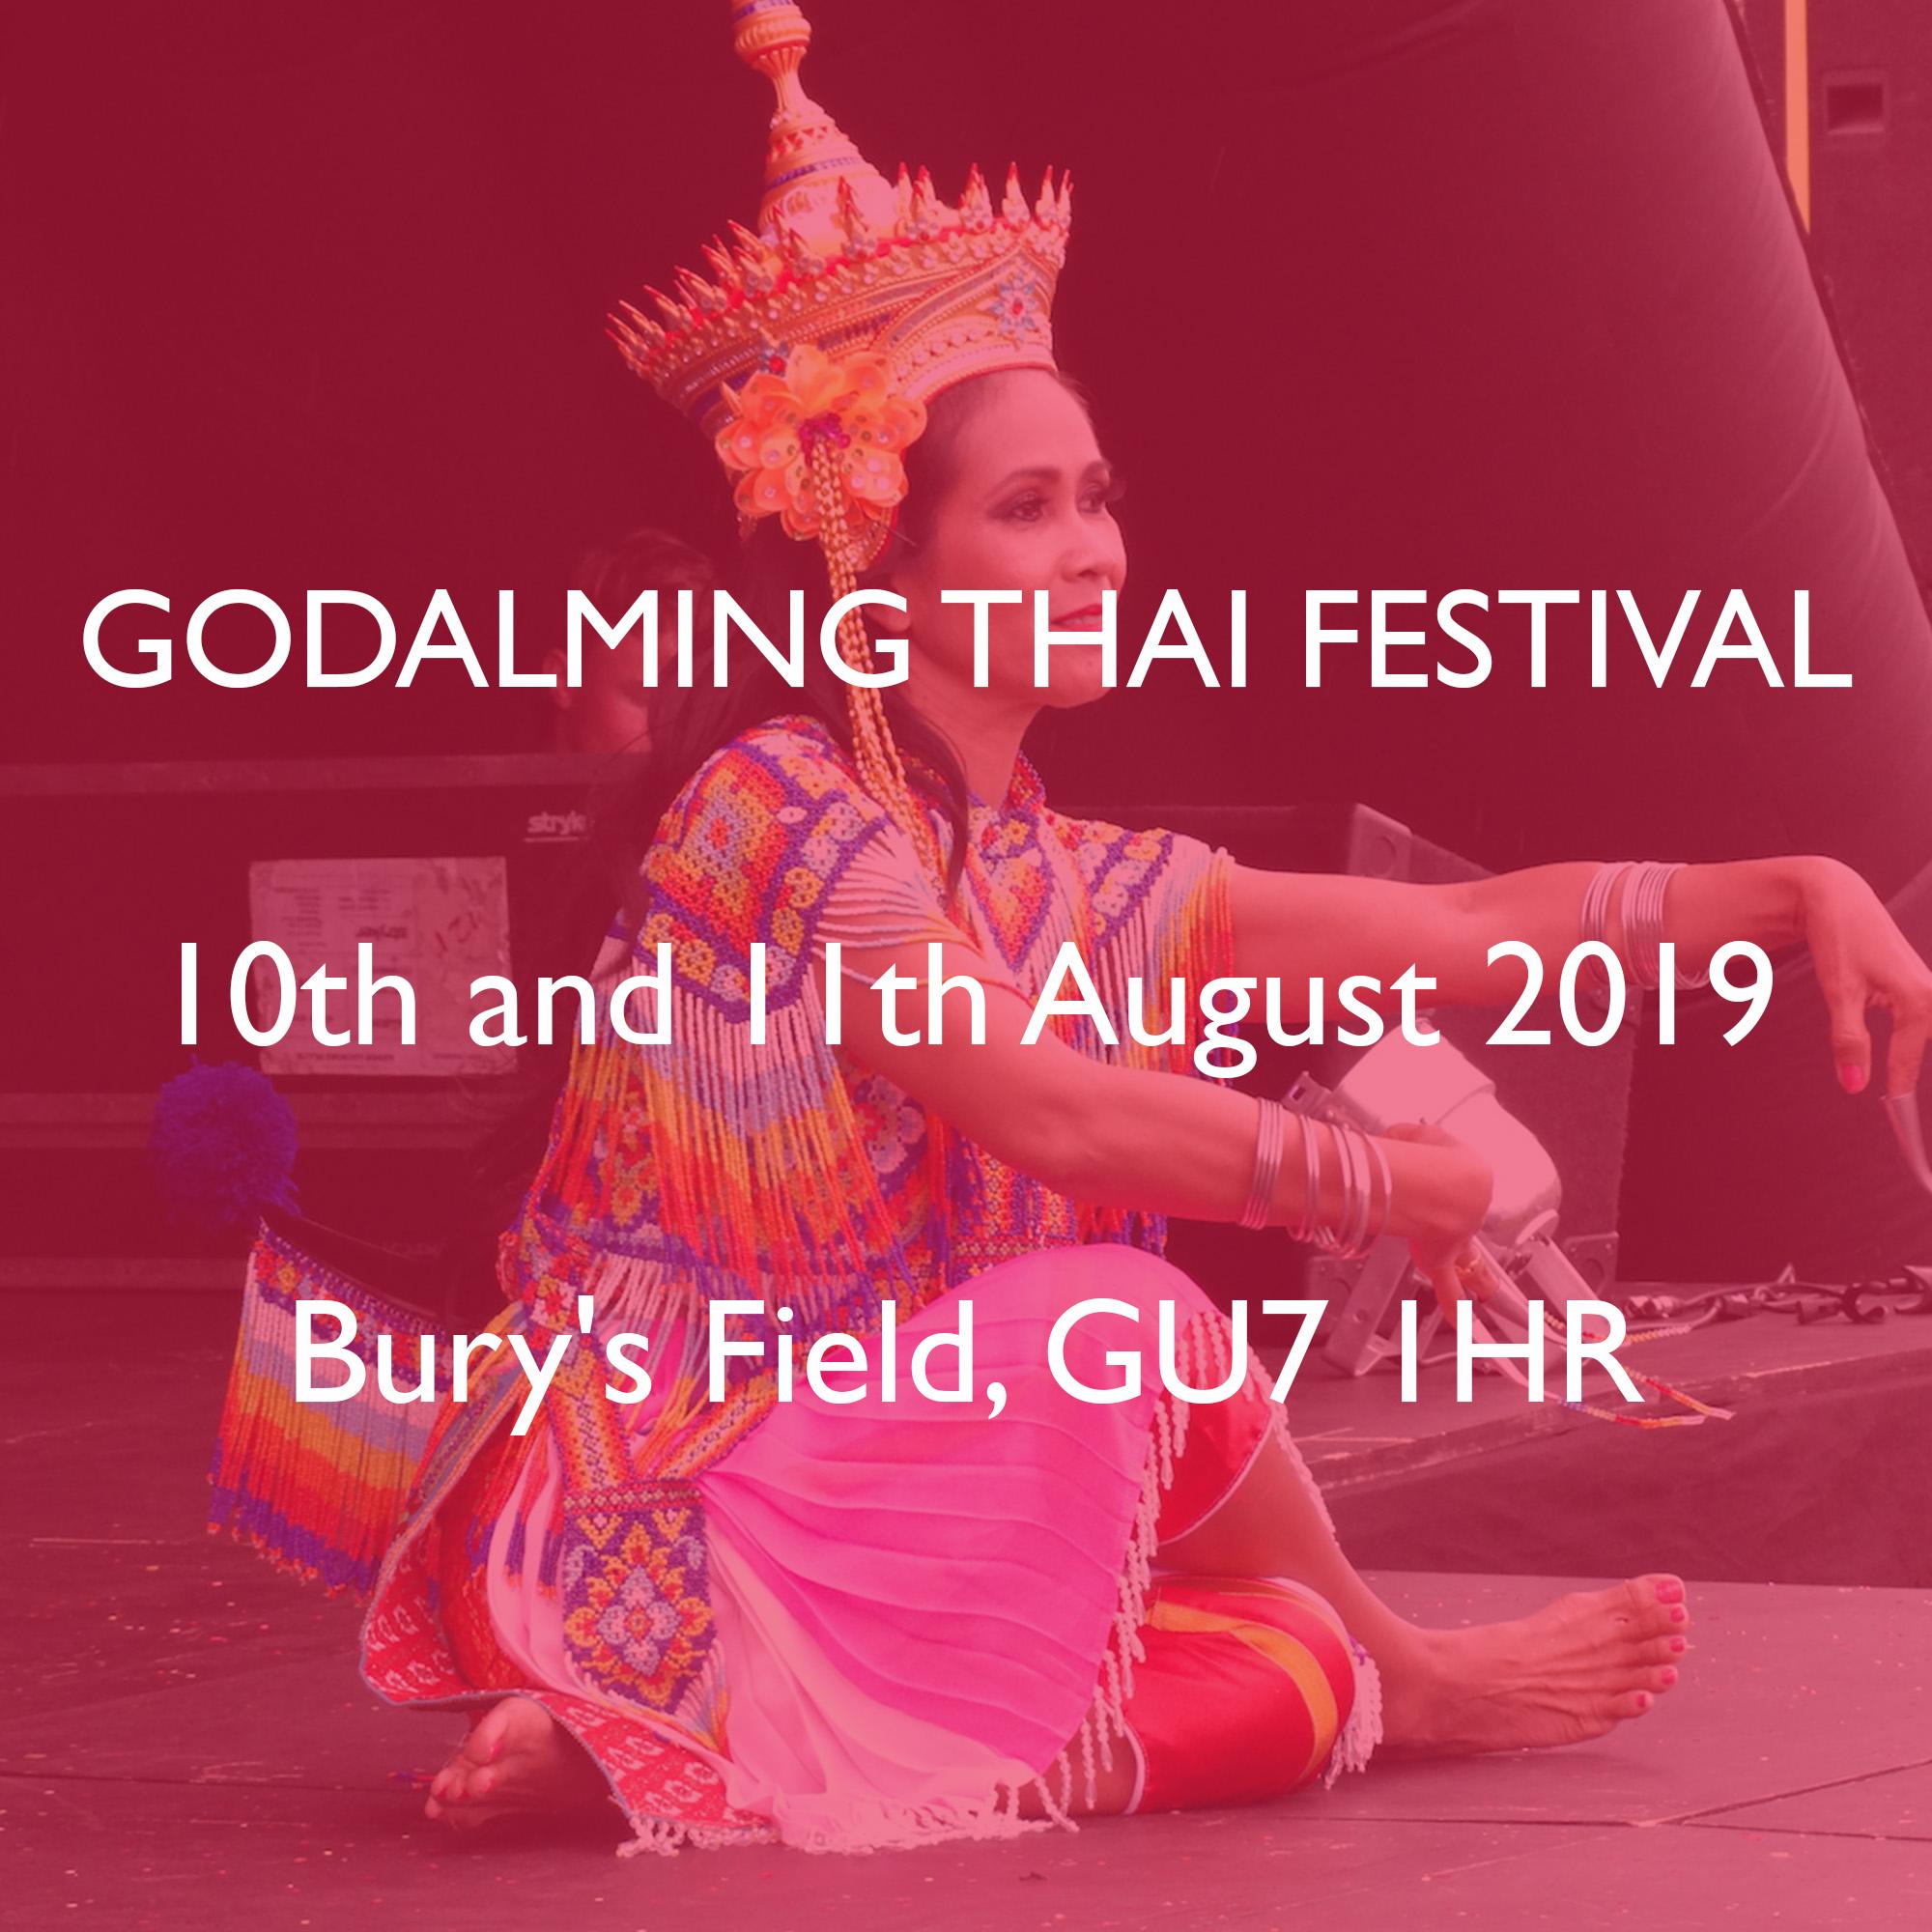 godalming thai festival 2019.jpg